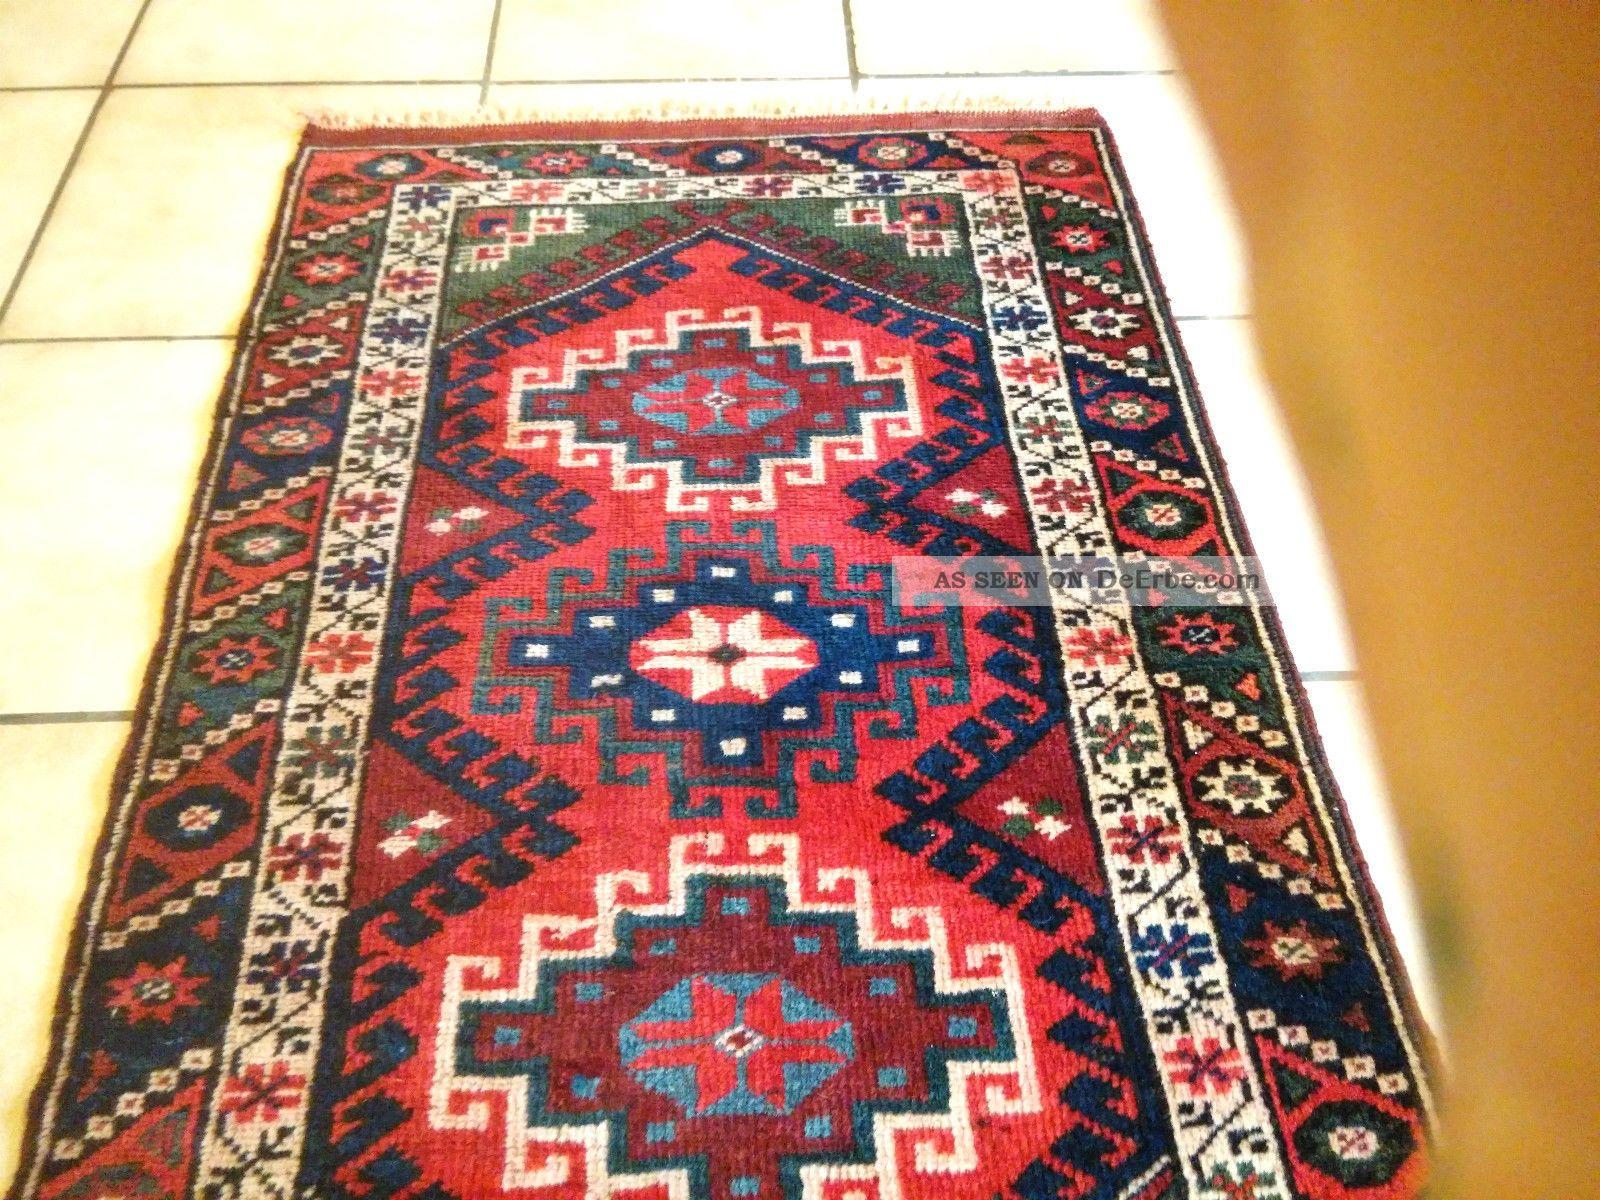 alte handgeknupfte teppich bergama anatolien wolle auf wolle 125 x 72. Black Bedroom Furniture Sets. Home Design Ideas